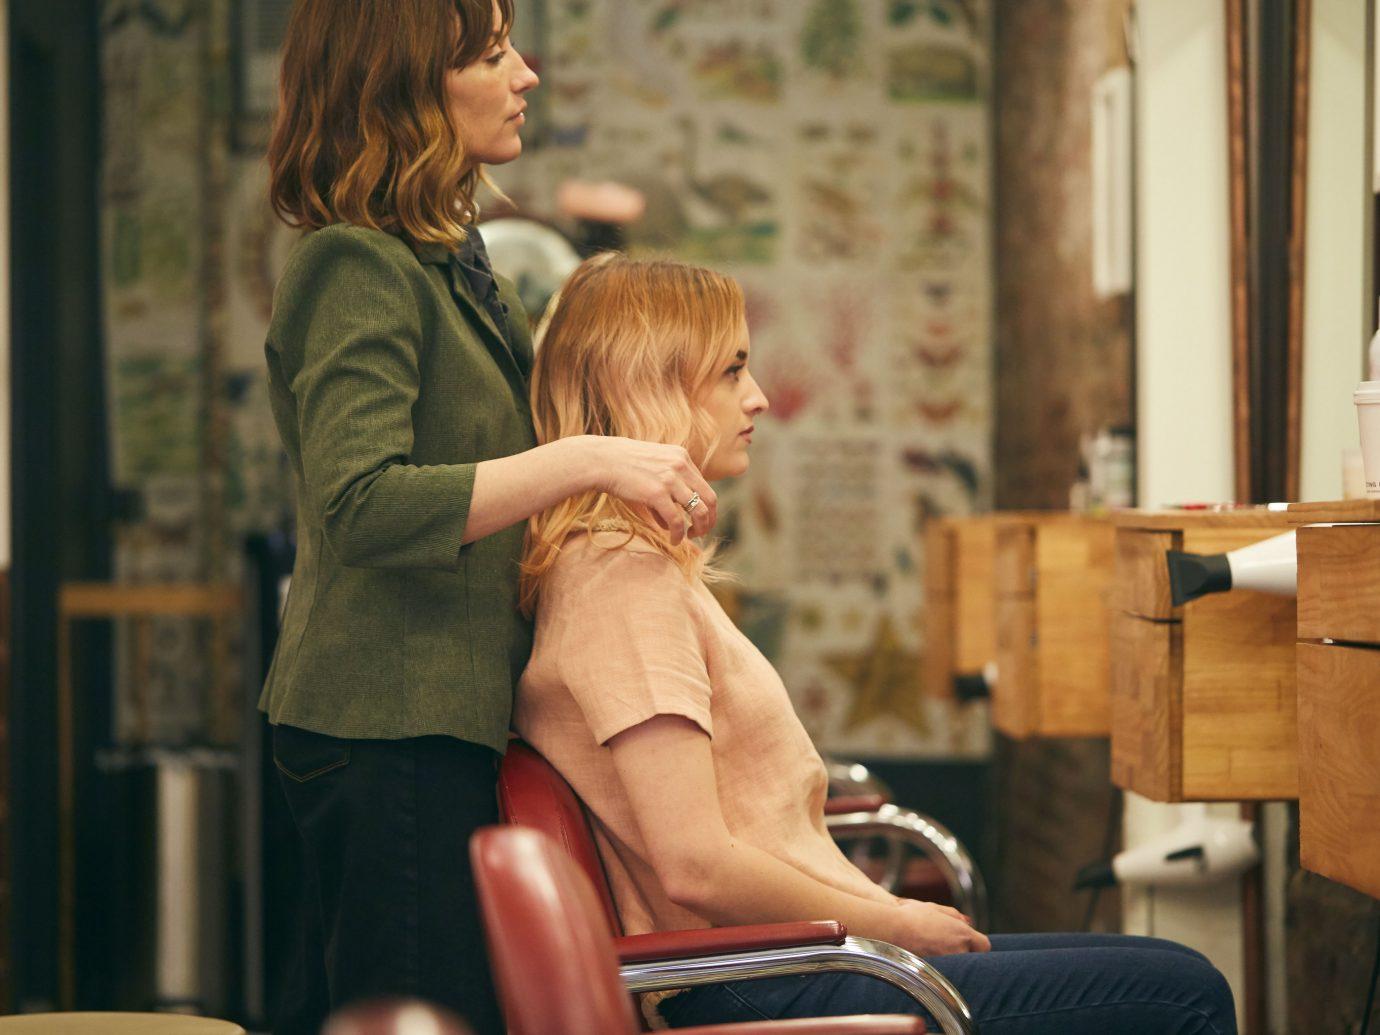 Haircut at Fringe salon NYC